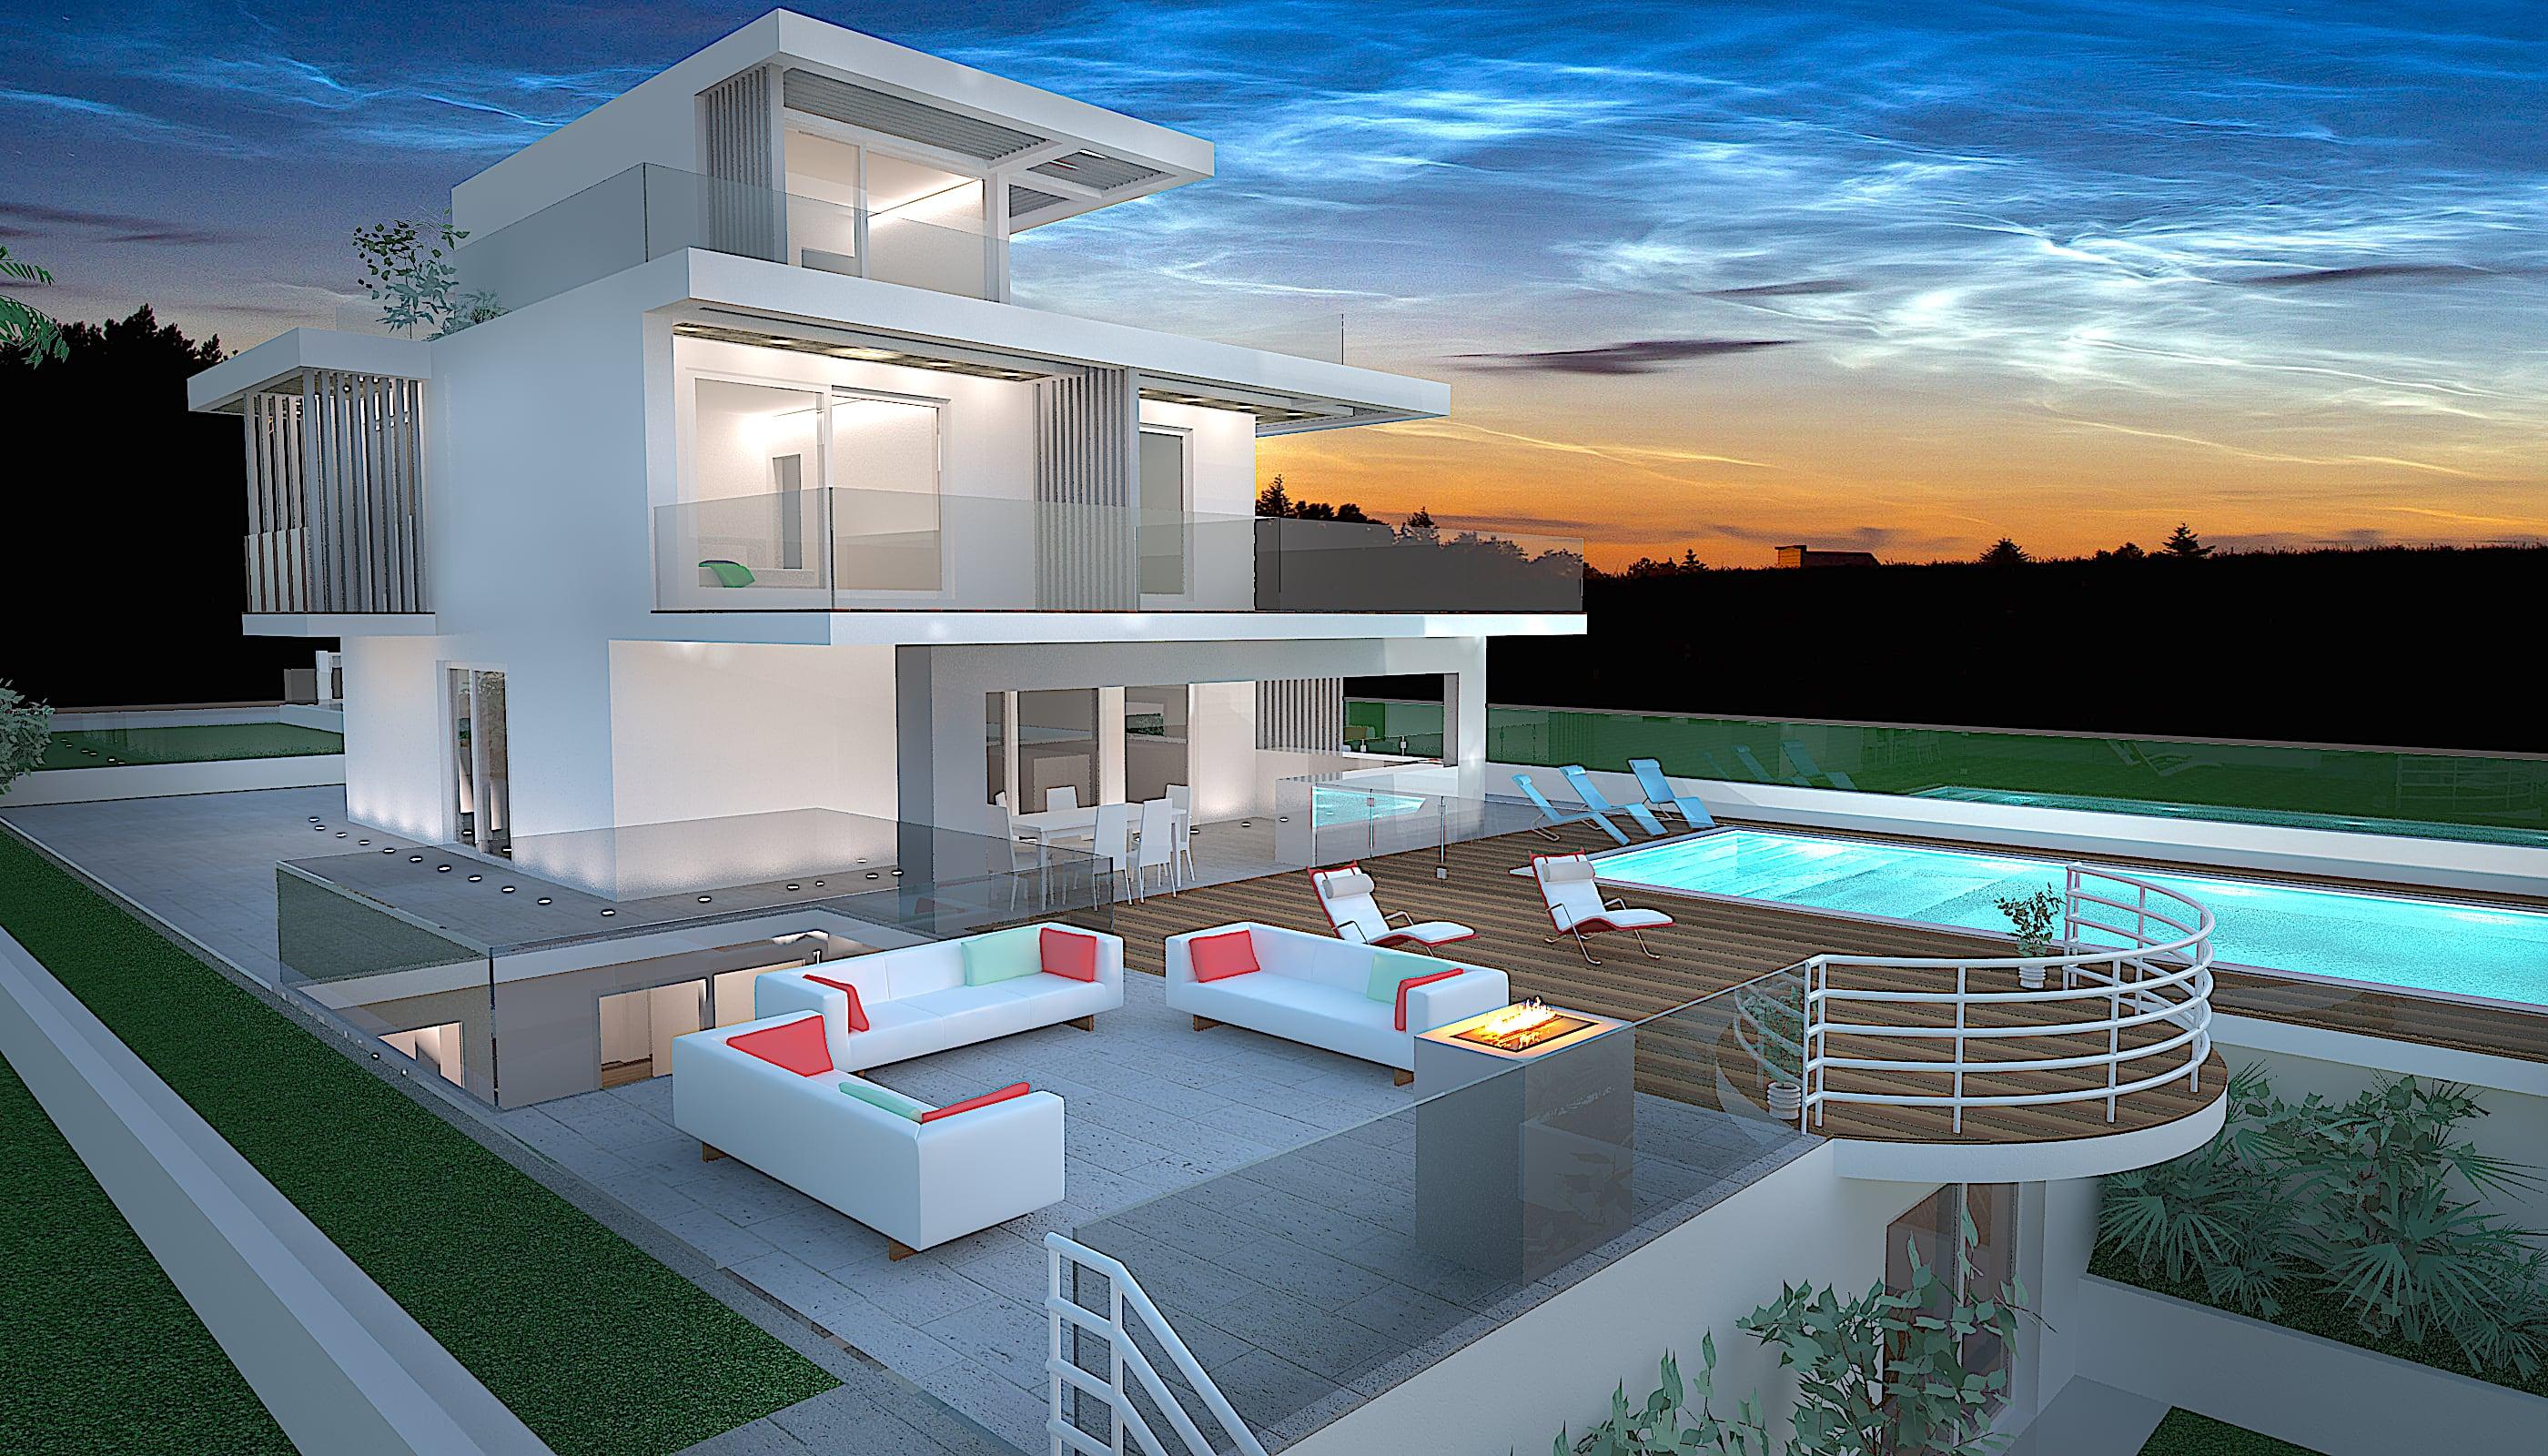 Avantgarde construct luxury progettazione costruzione for Ville in legno di lusso prezzi